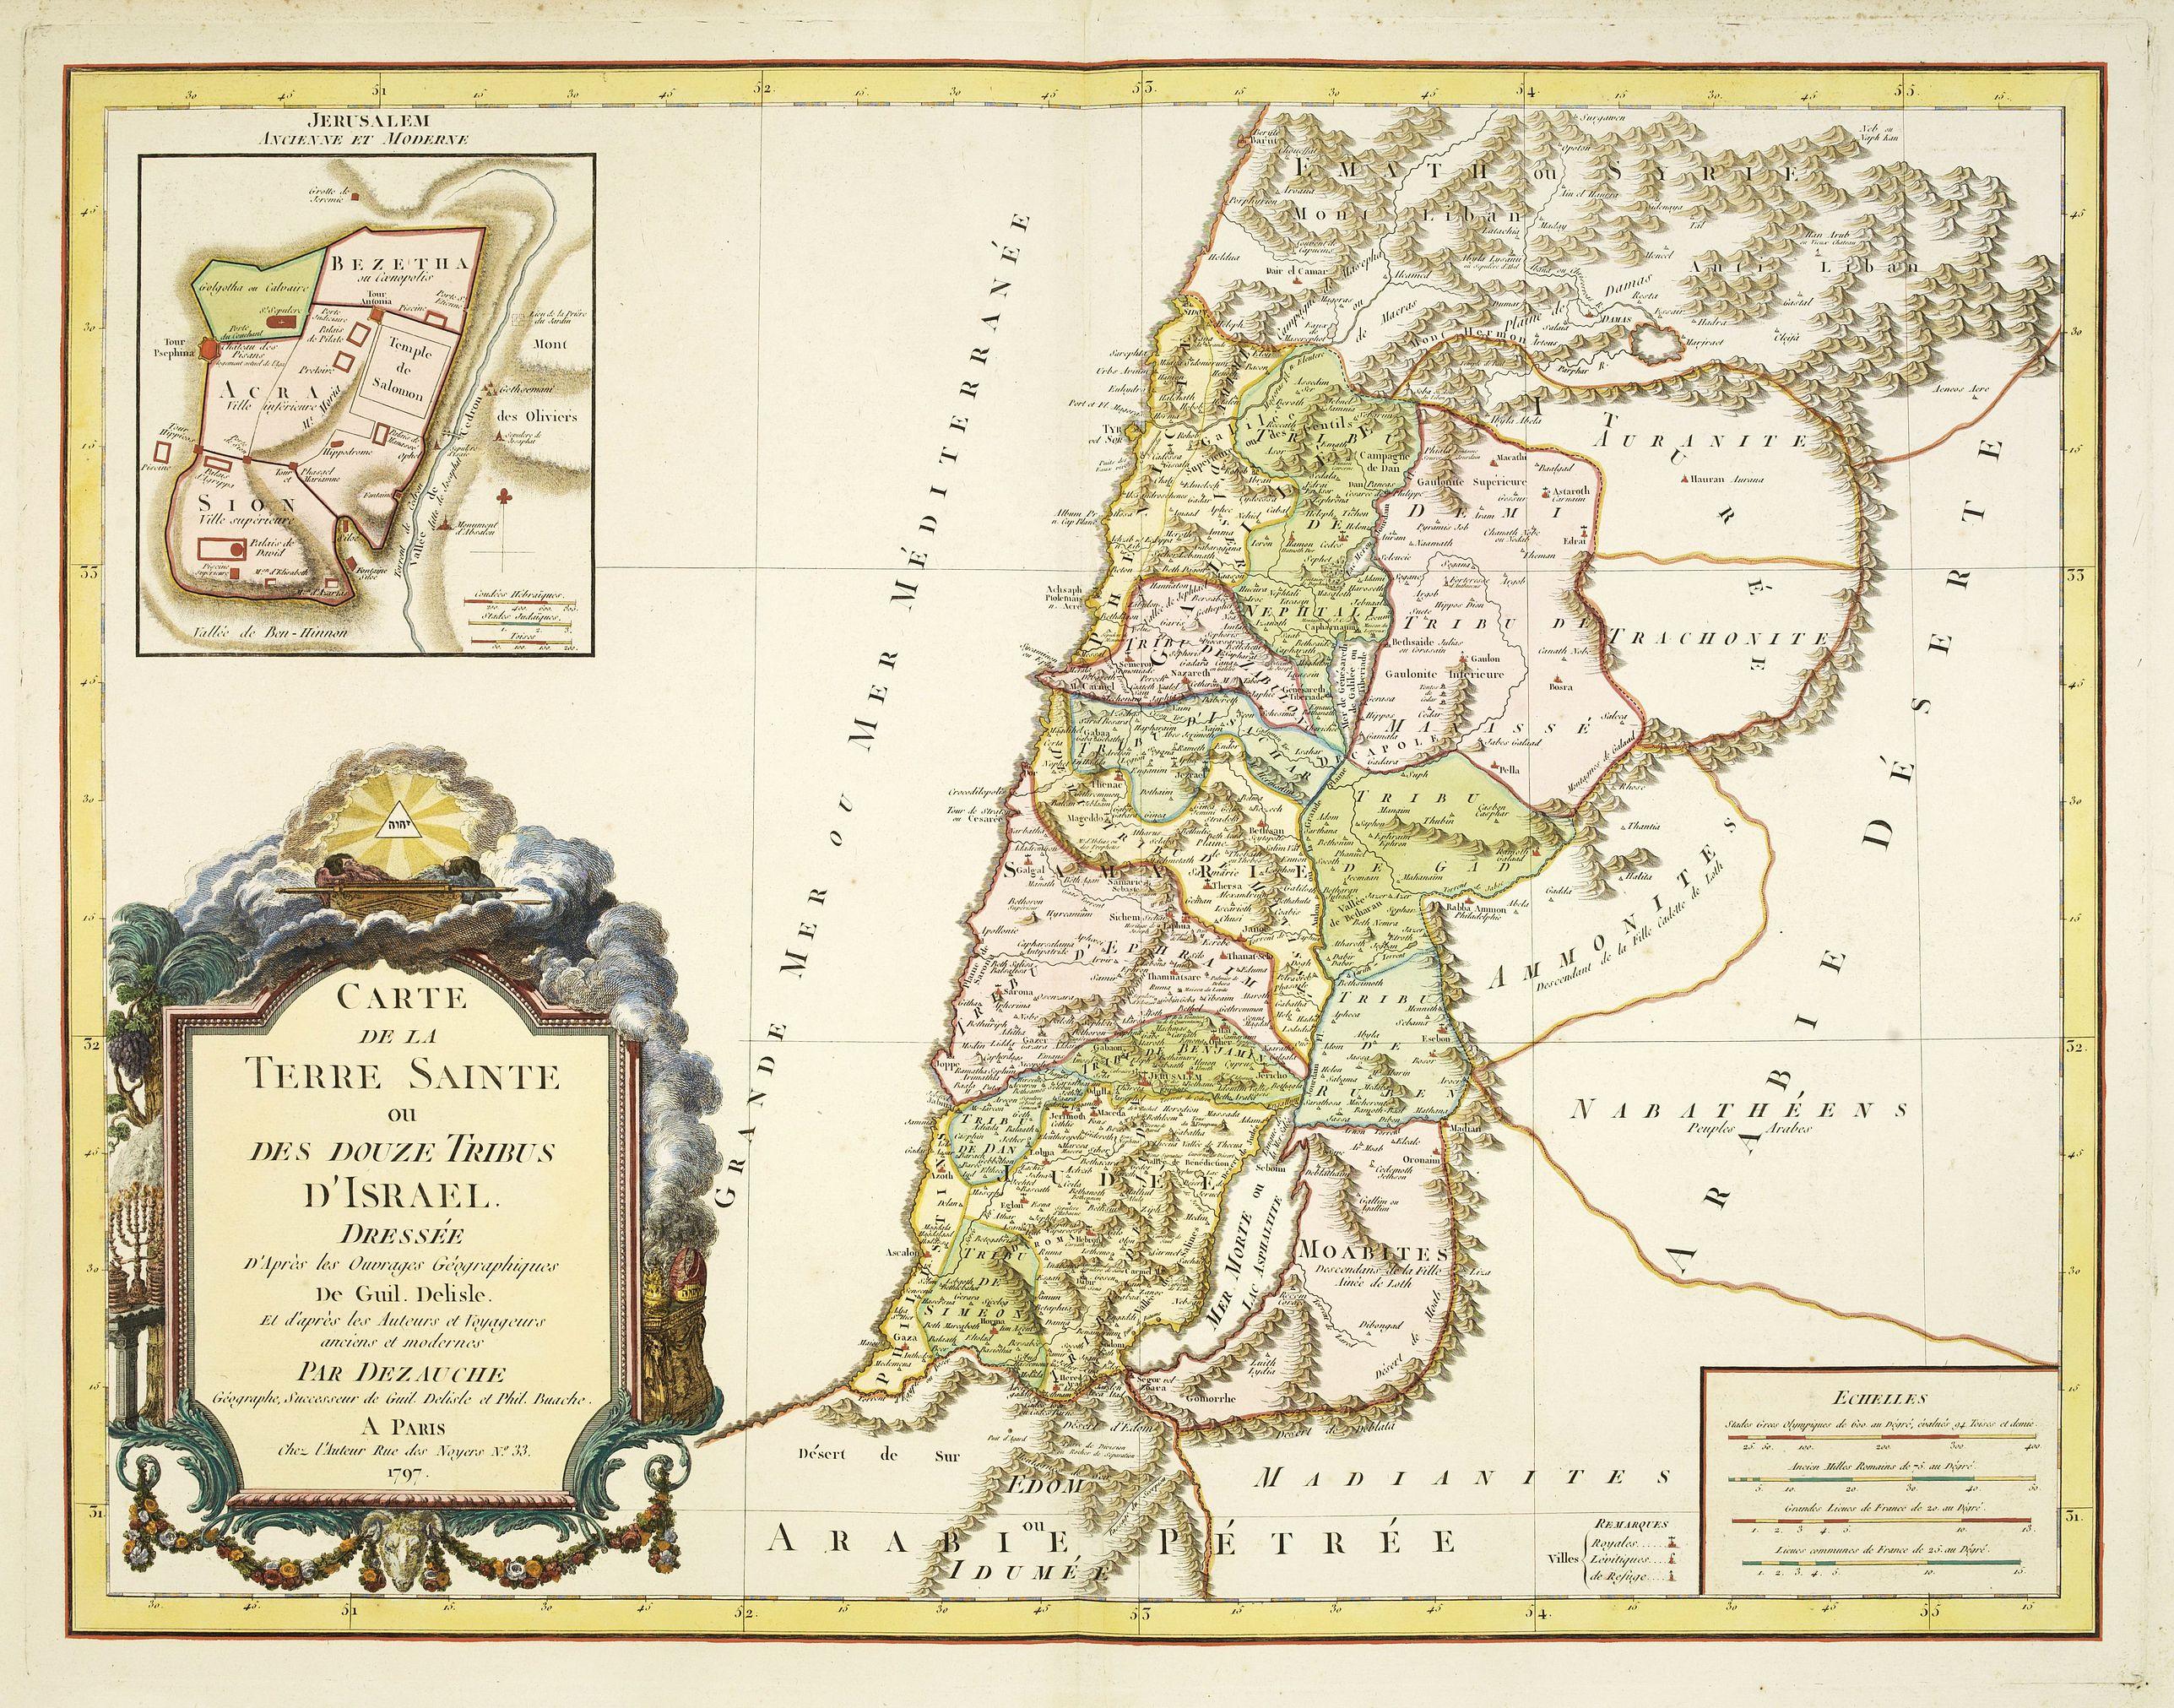 DE L'ISLE / DEZAUCHE -  Carte de La Terre Sainte ou des douze tribus d'Israel. . .